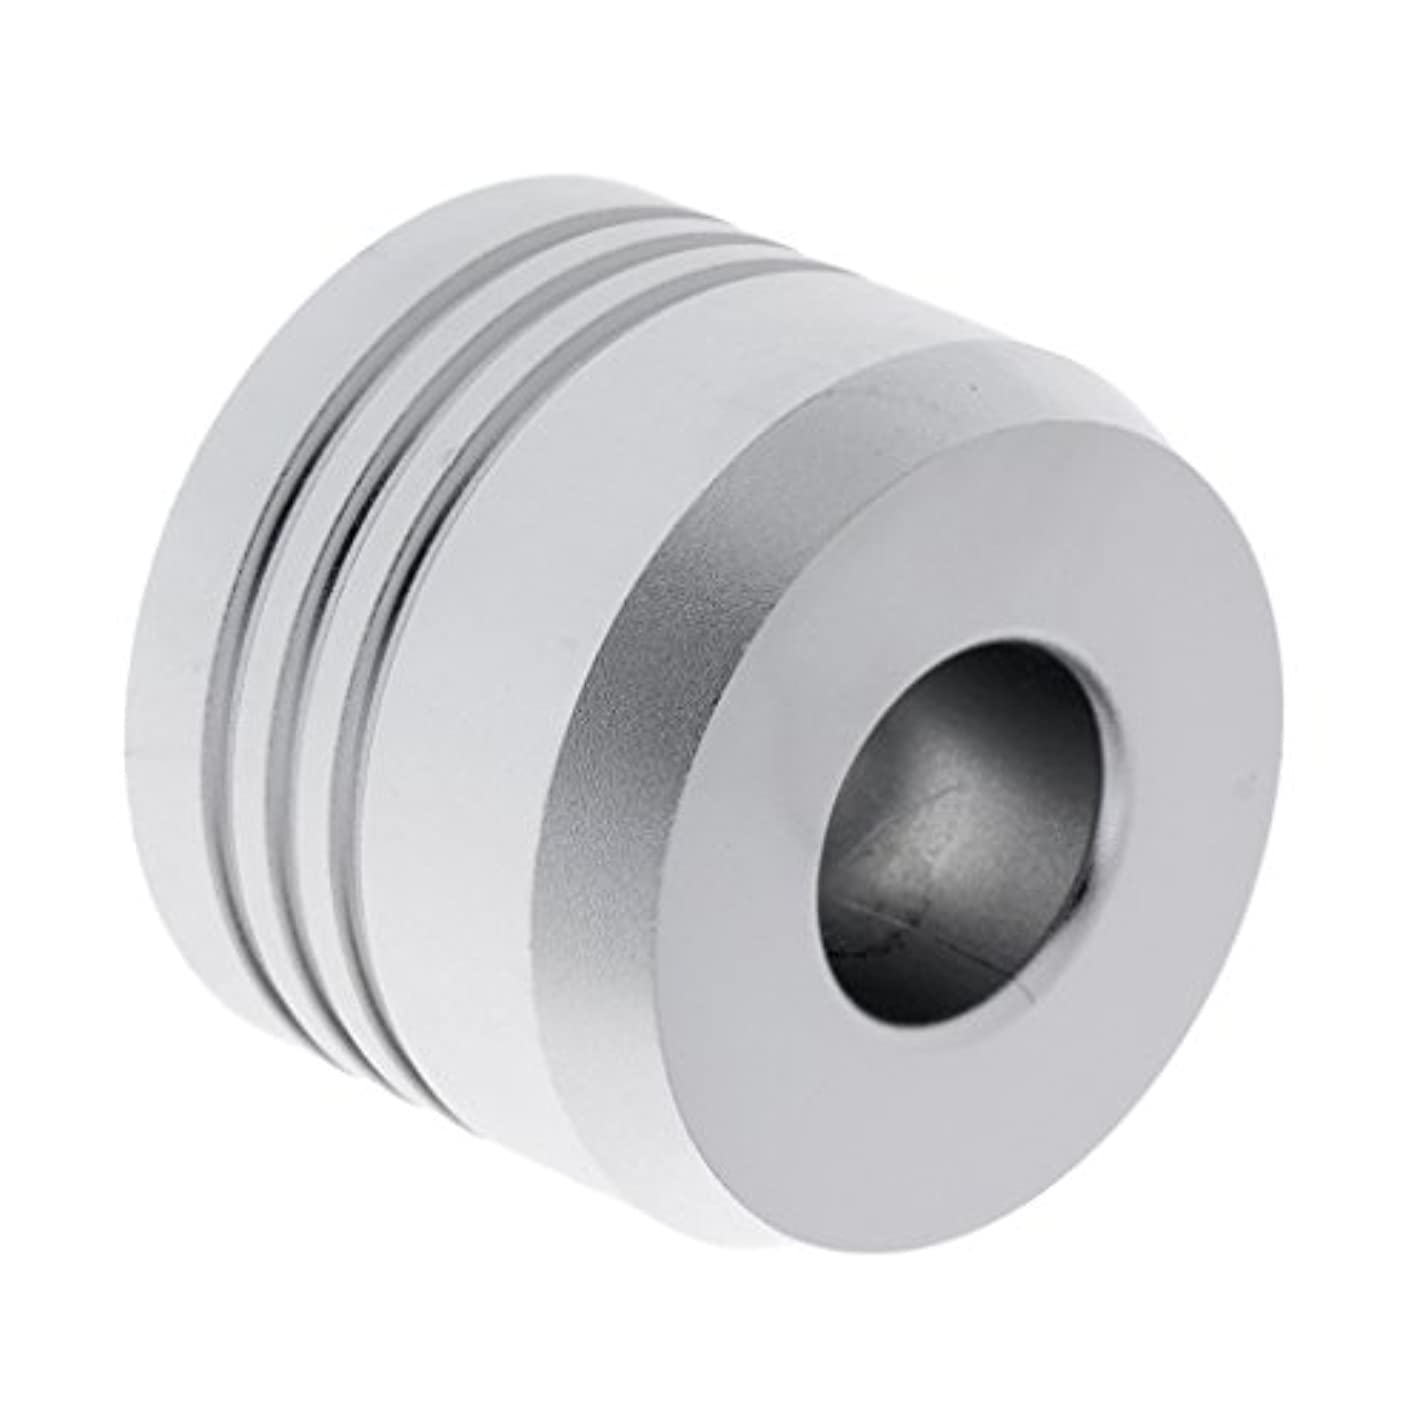 アレキサンダーグラハムベルクレジット犠牲セーフティカミソリスタンド スタンド メンズ シェービング カミソリホルダー サポート 調節可能 シェーバーベース 2色選べ - 銀